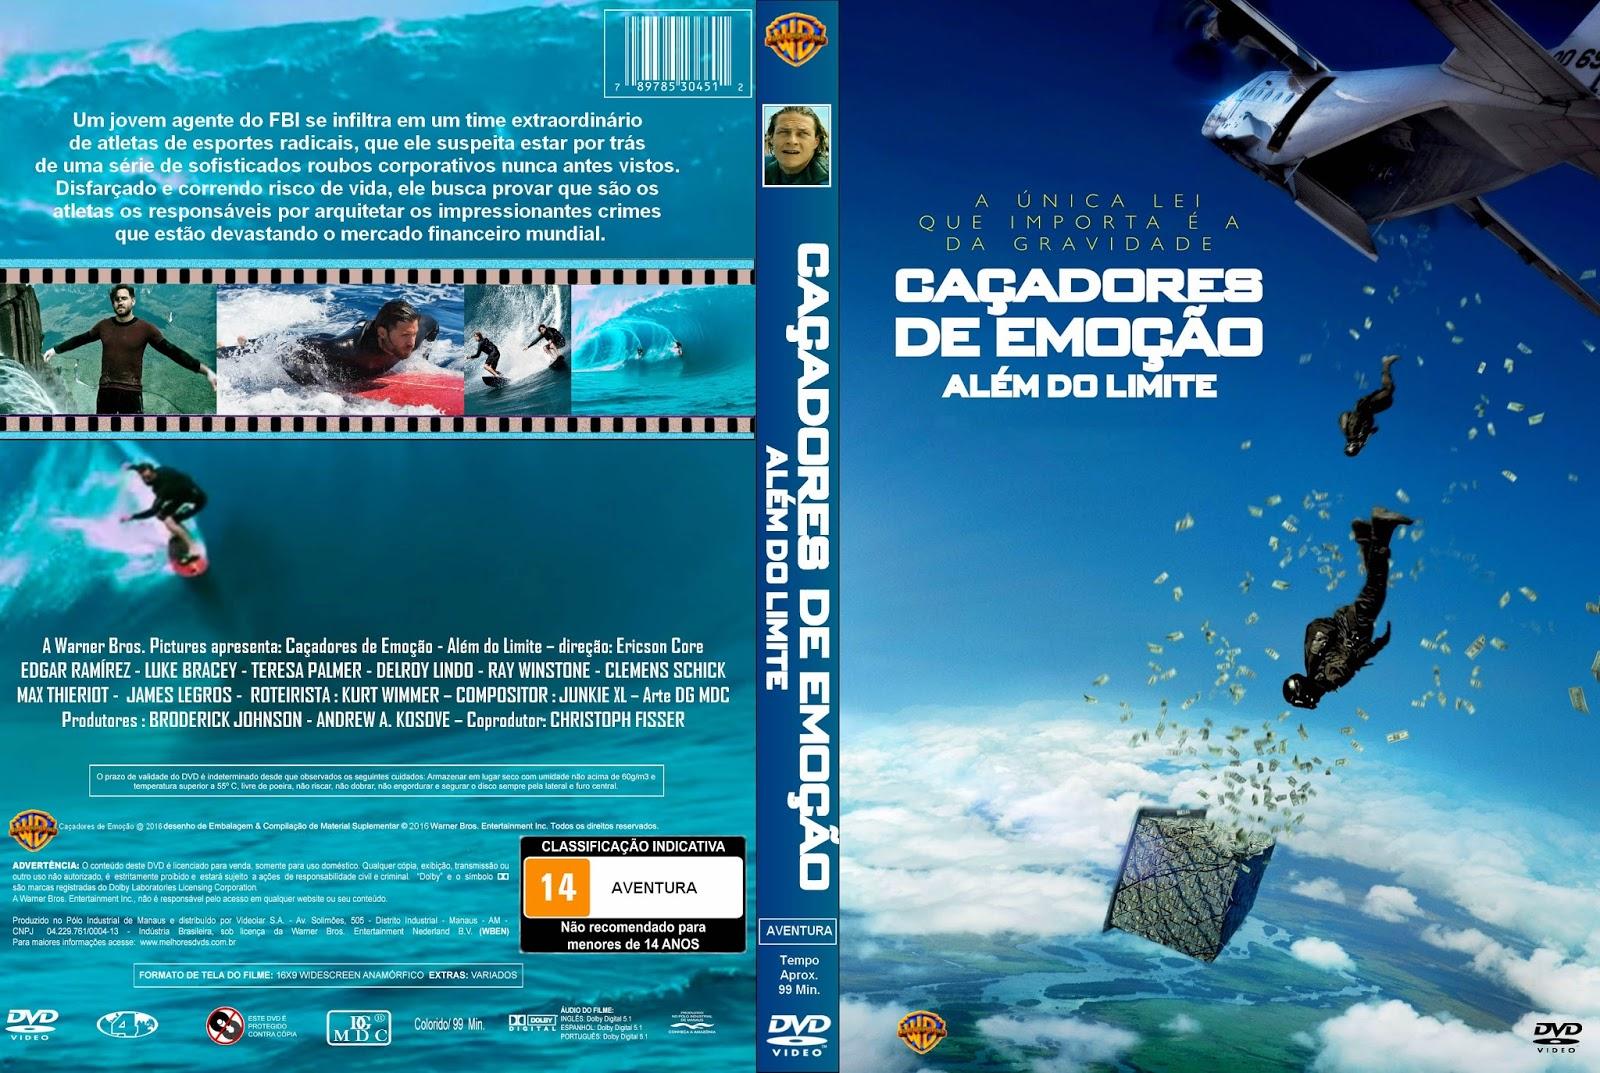 Caçadores de Emoção Além do Limite BDRip XviD Dual Áudio Ca 25C3 25A7adores 2BDe 2BEmo 25C3 25A7 25C3 25A3o 2B  2BAl 25C3 25A9m 2BDo 2BLimite